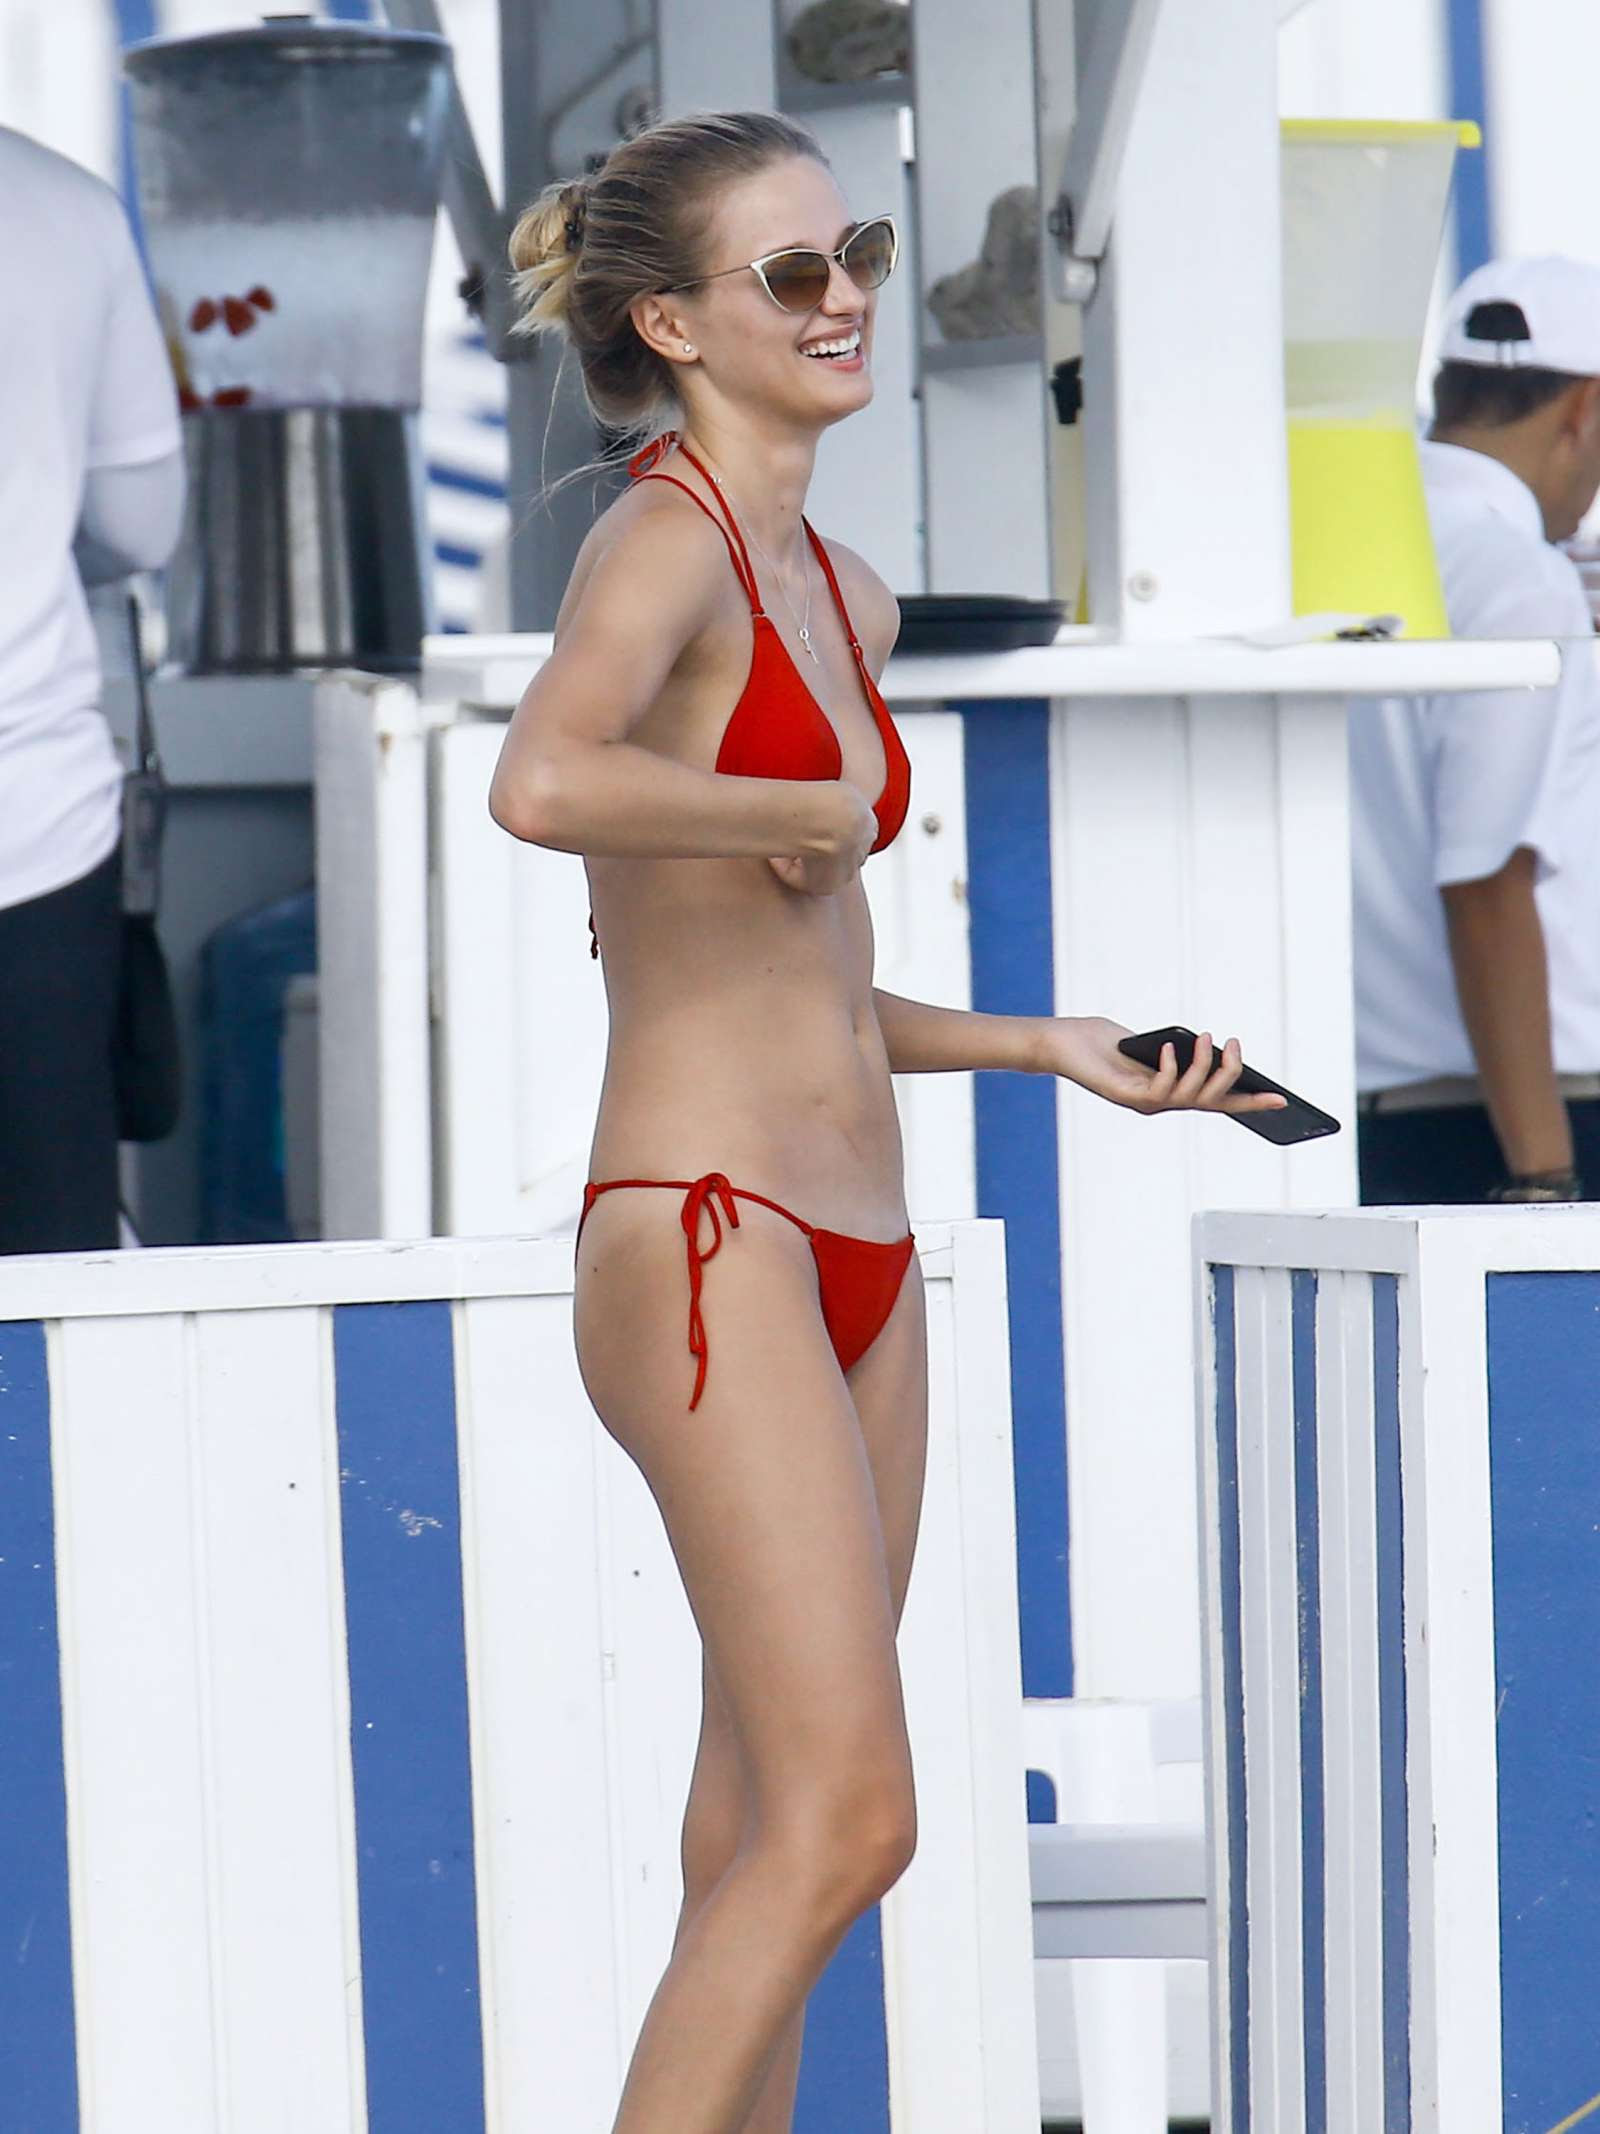 Xenia Micsanschi in Red Bikini on the beach in Miami